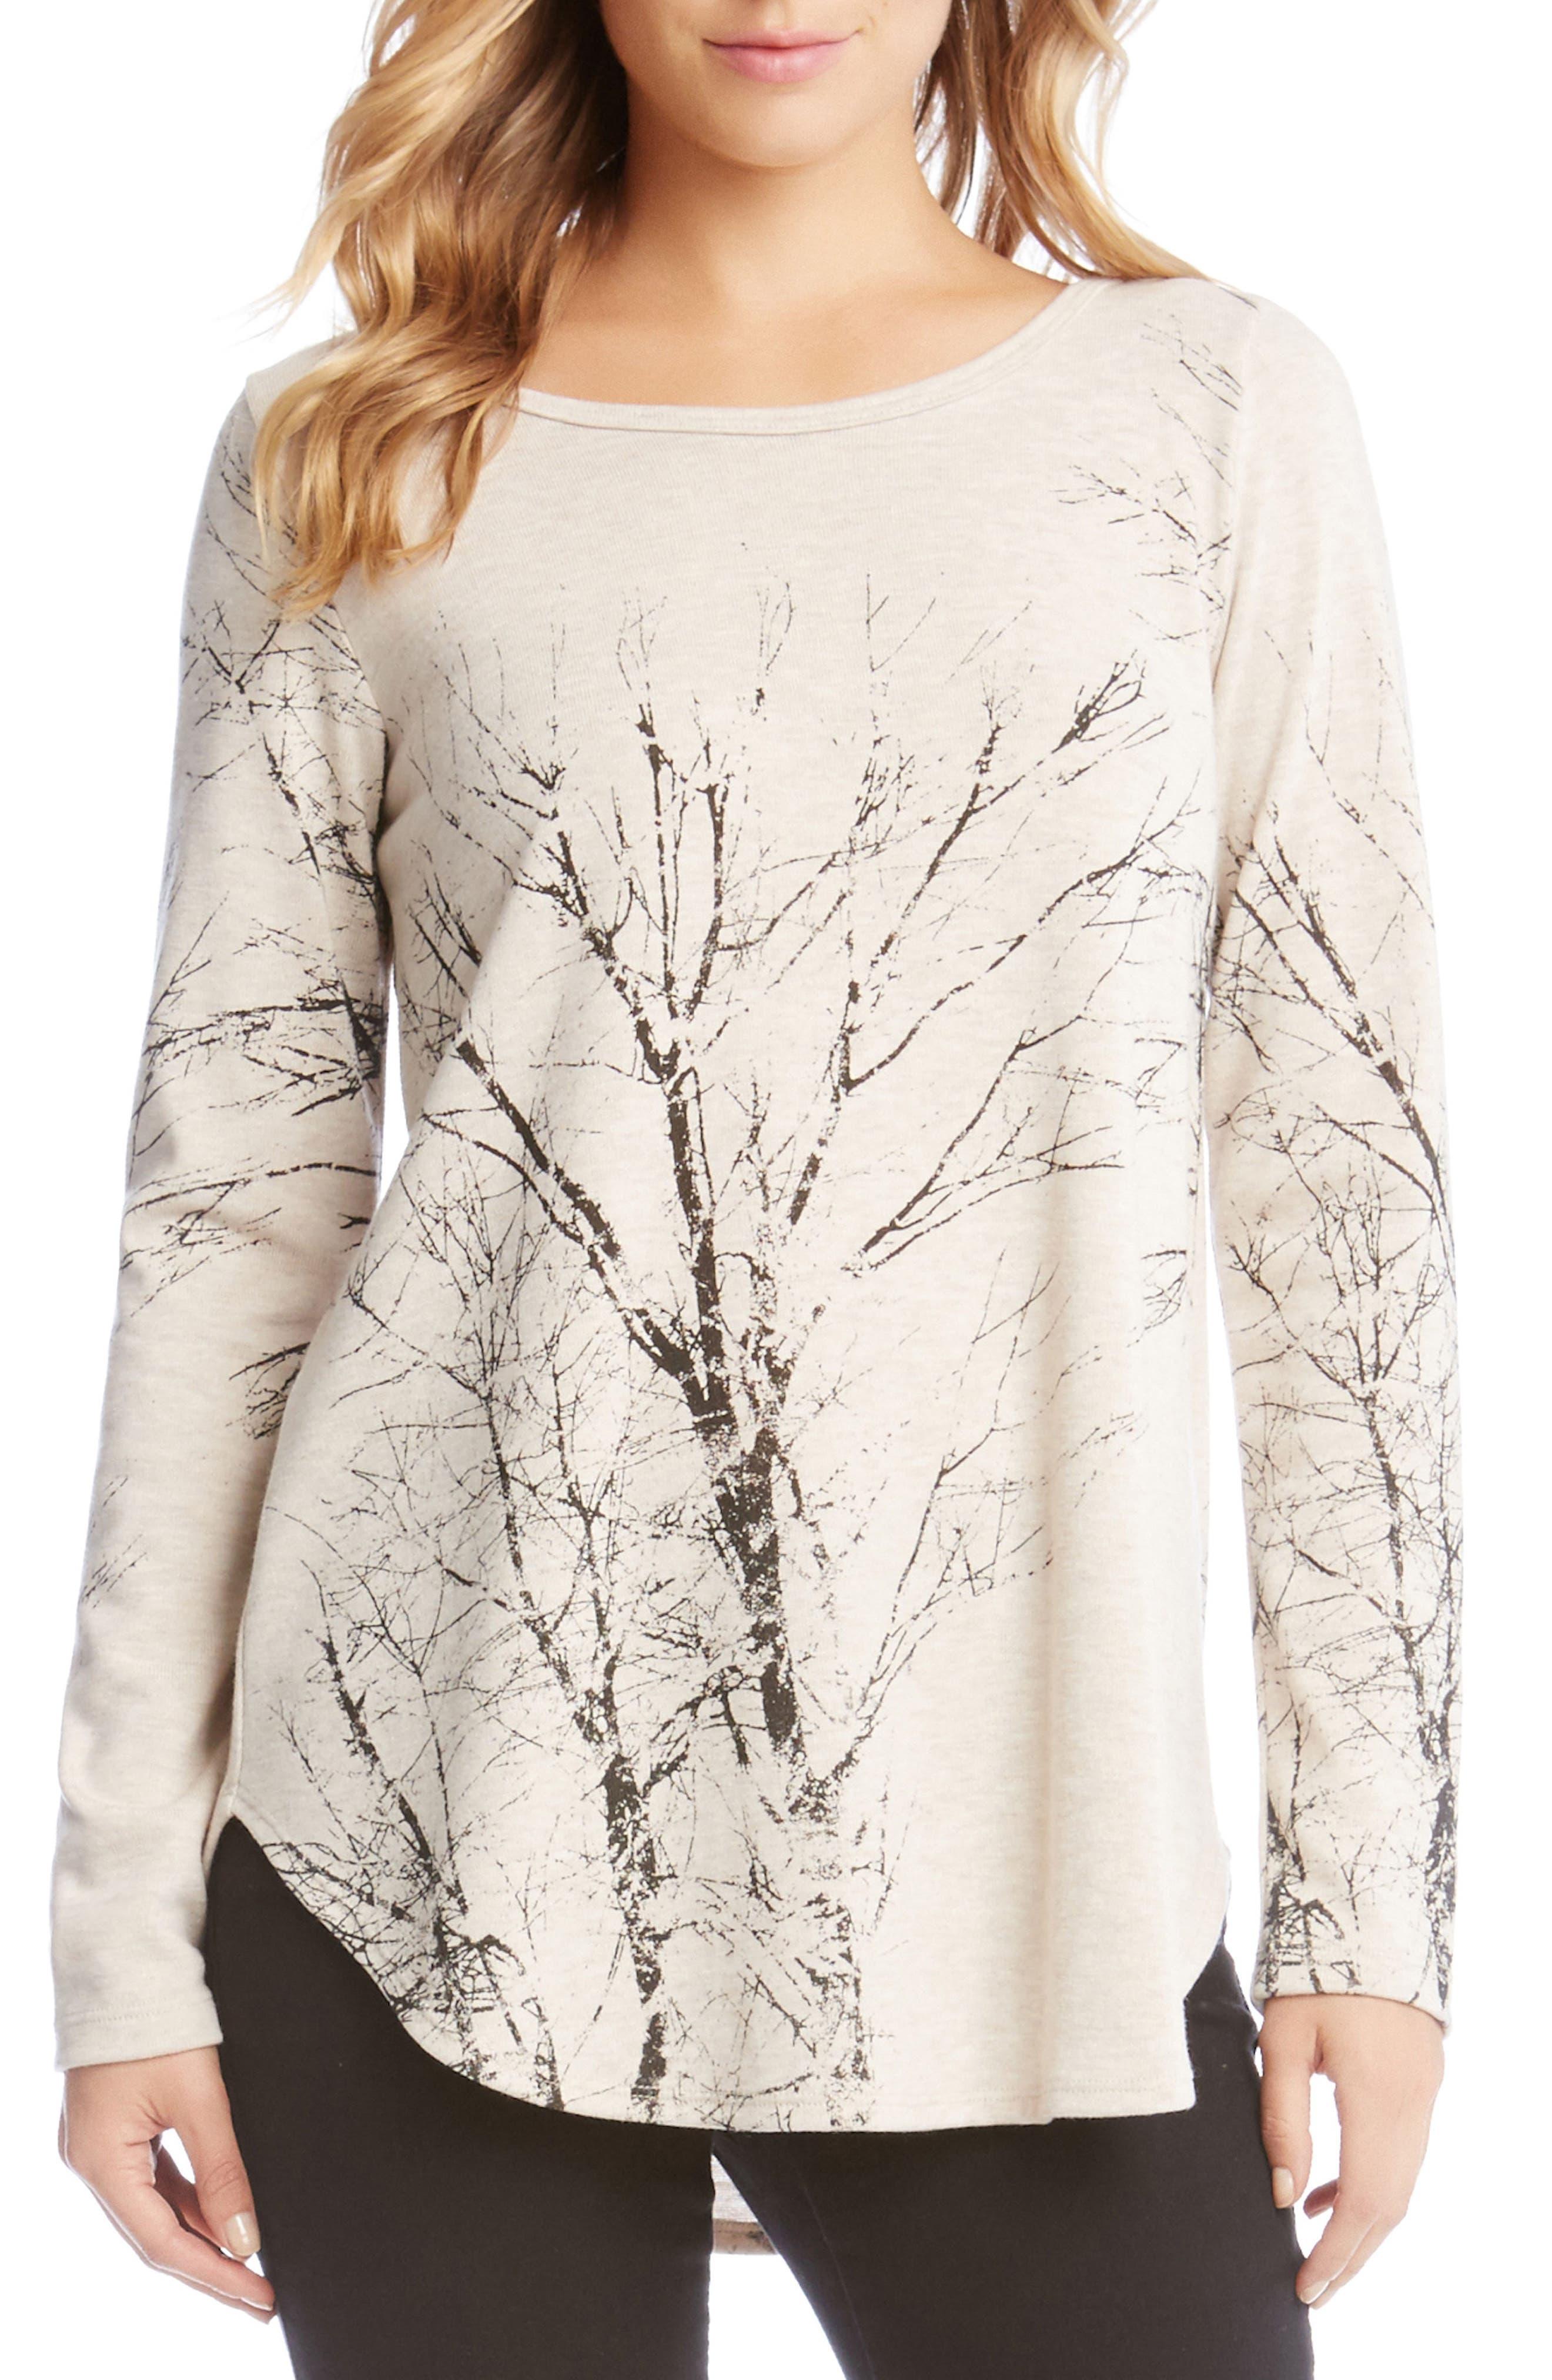 Kane Kane Tree Print Sweater